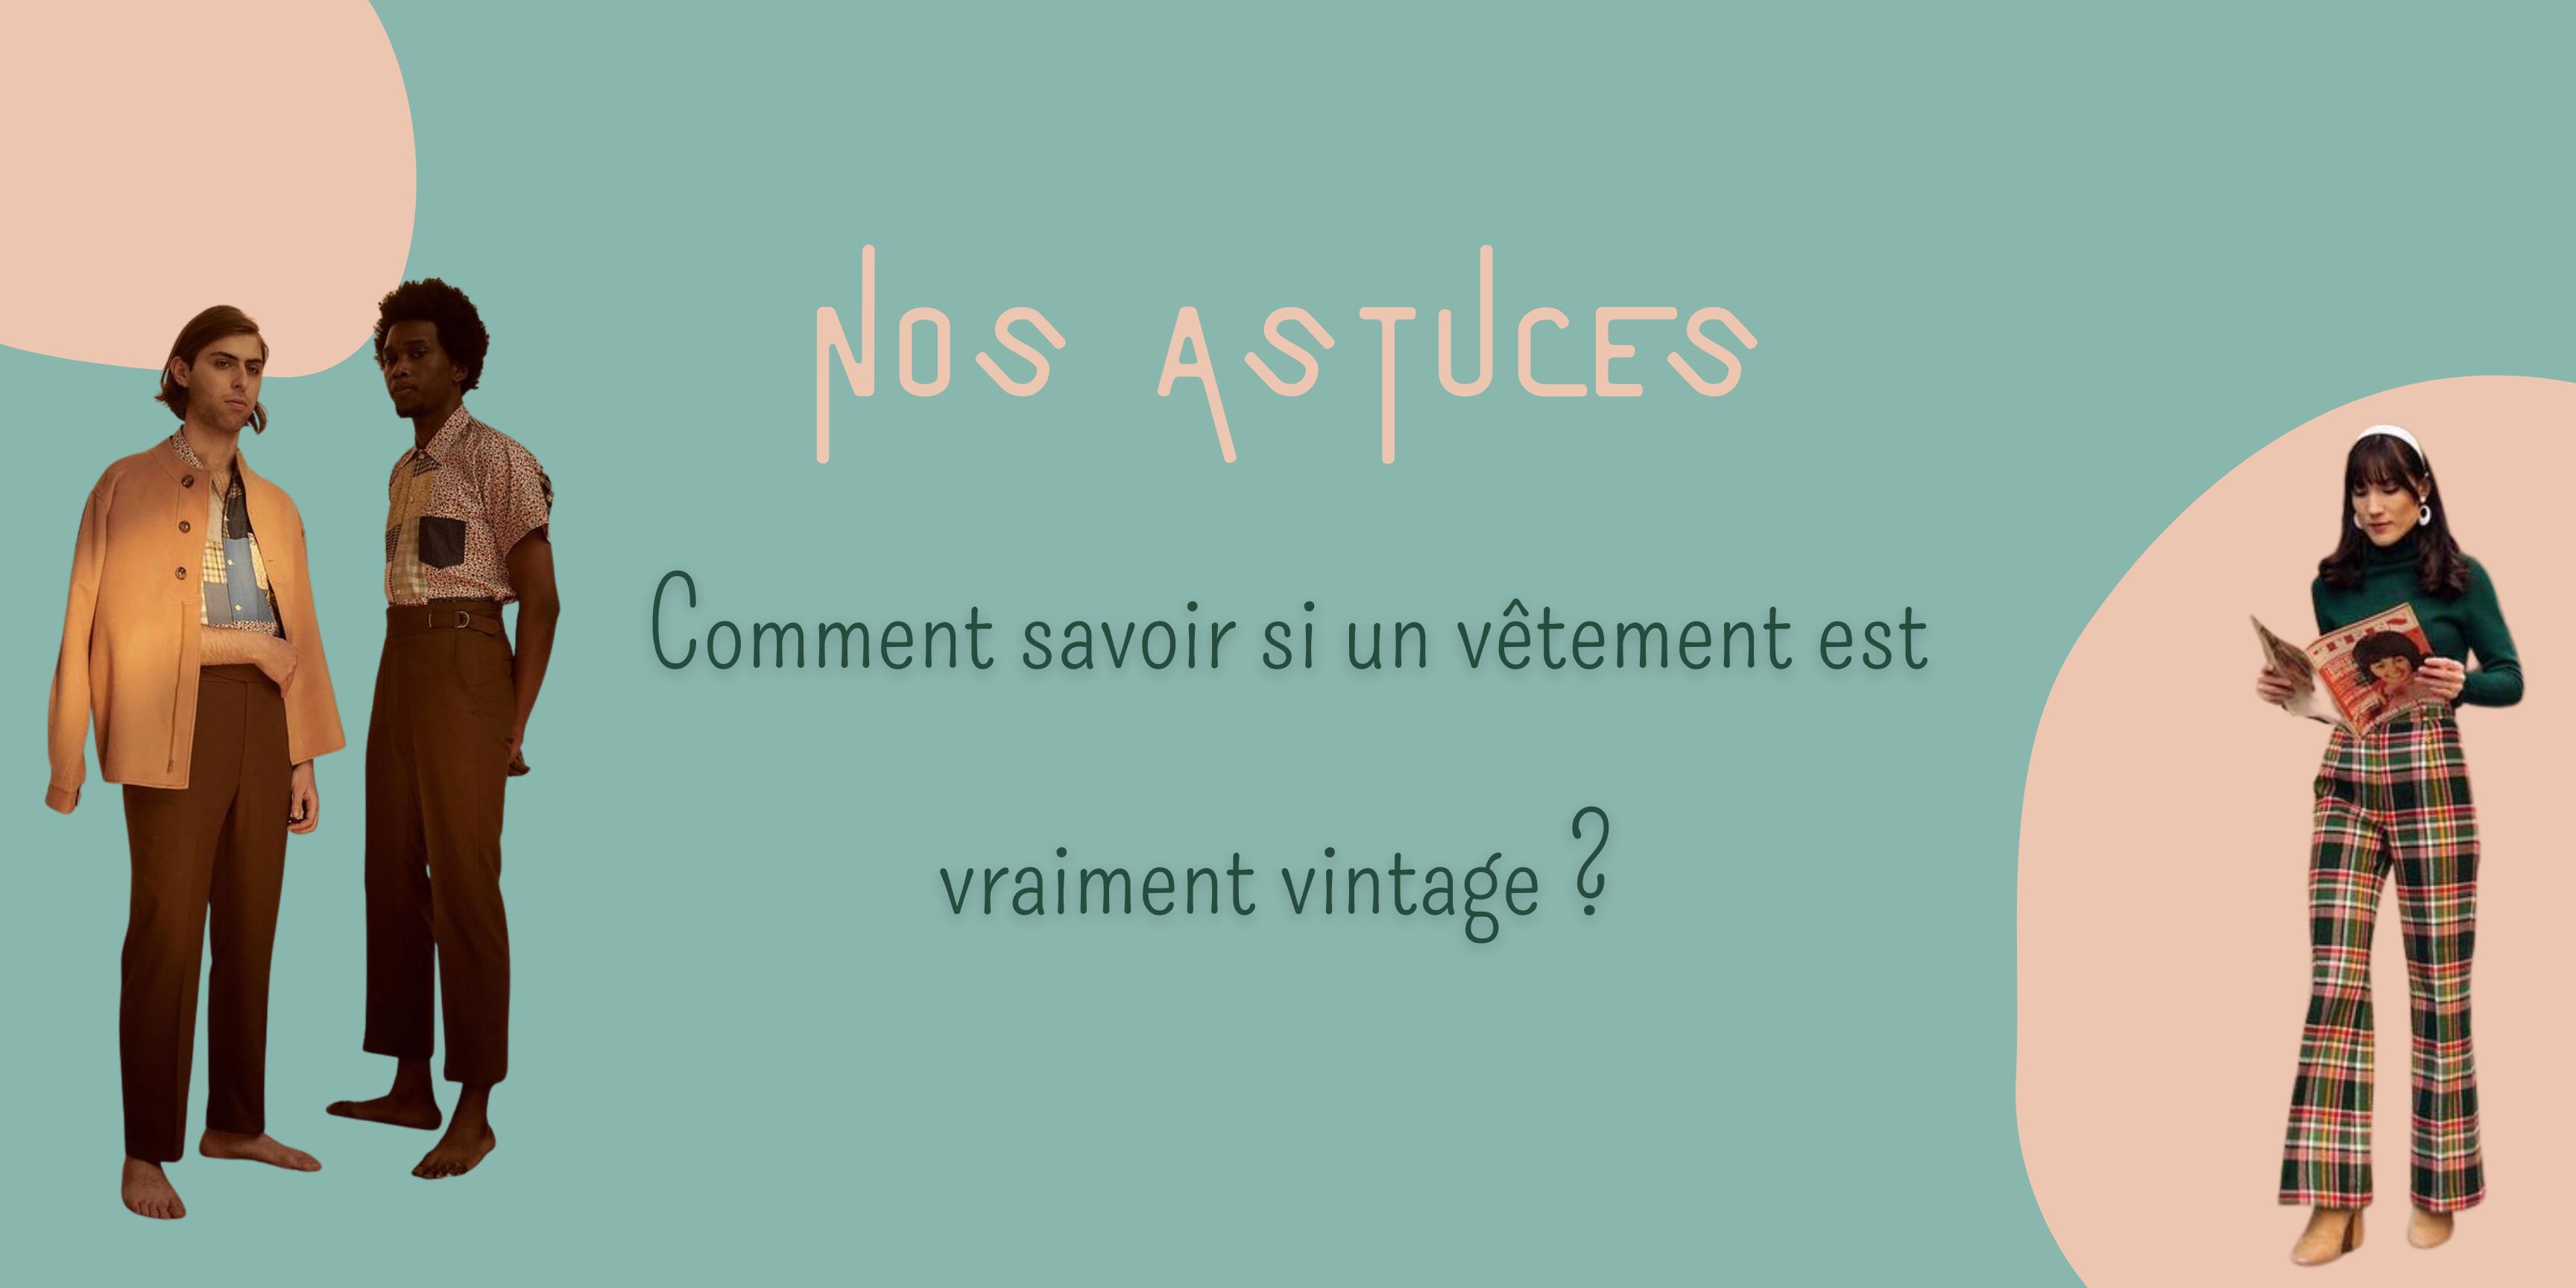 L'image permet d'avoir un visuel pour reconnaître l'article du blog de fripe avec nos astuces : comment savoir si un vêtement est vraiment vintage ?